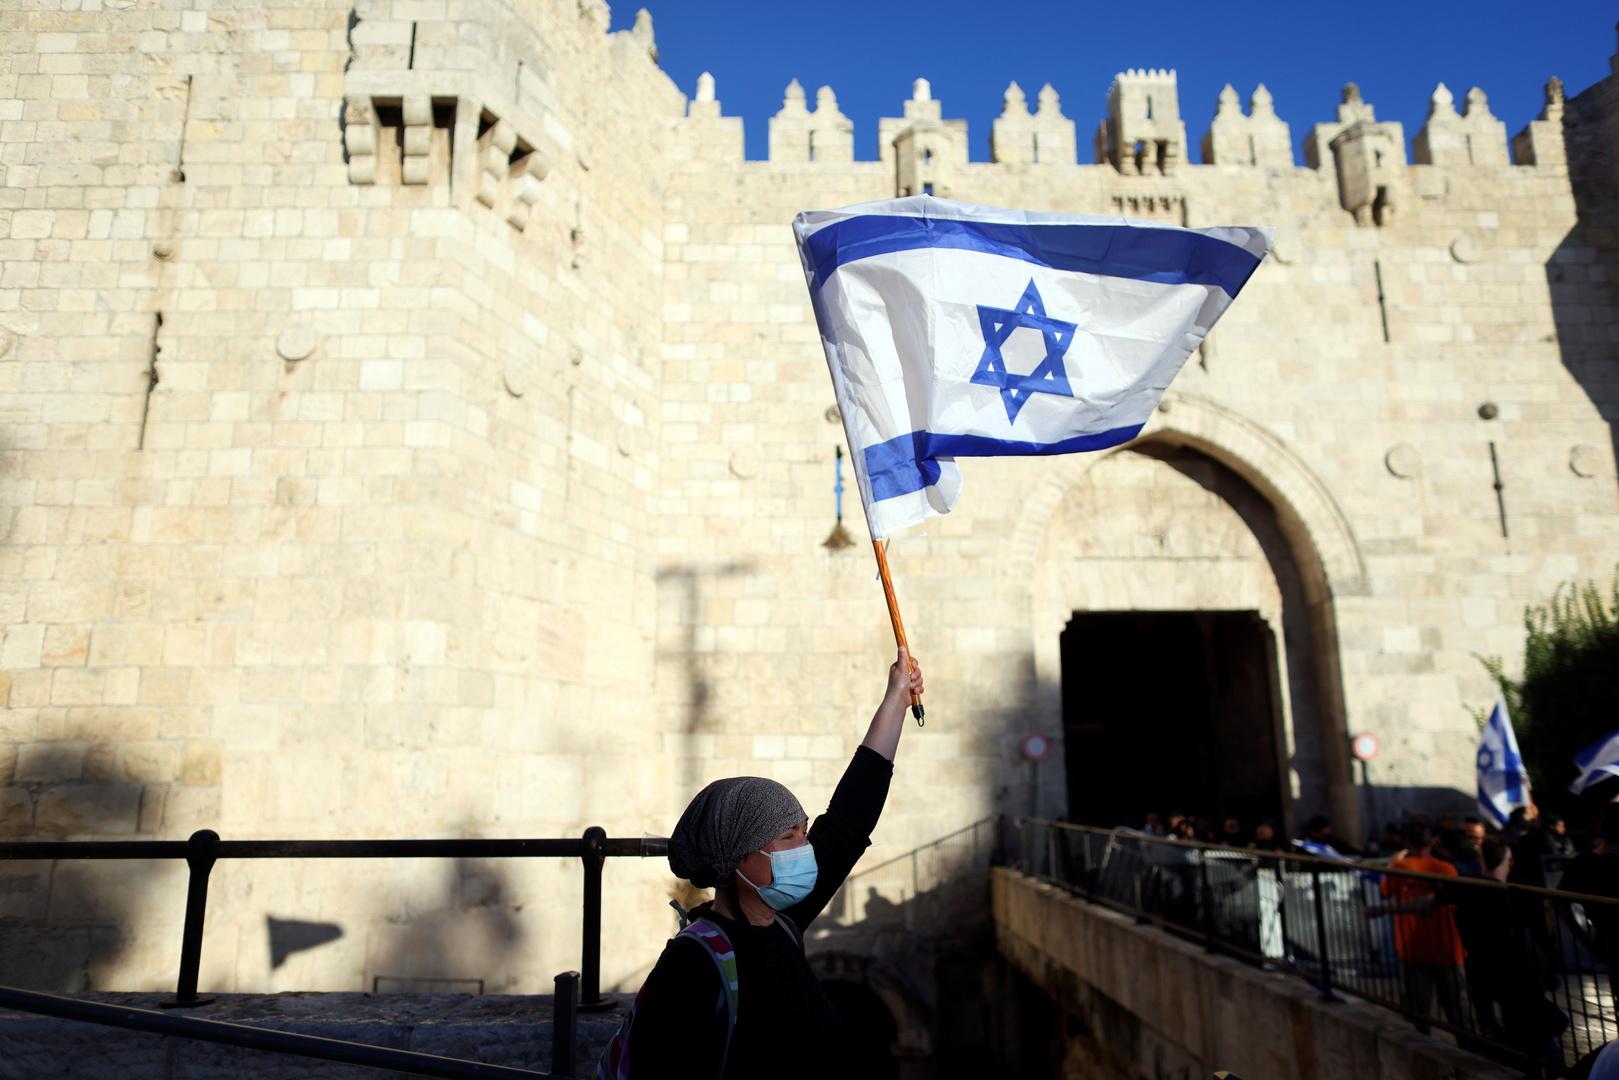 وزير الأمن الداخلي الإسرائيلي يغرد عن الأسيرين الفلسطينيين الفارين